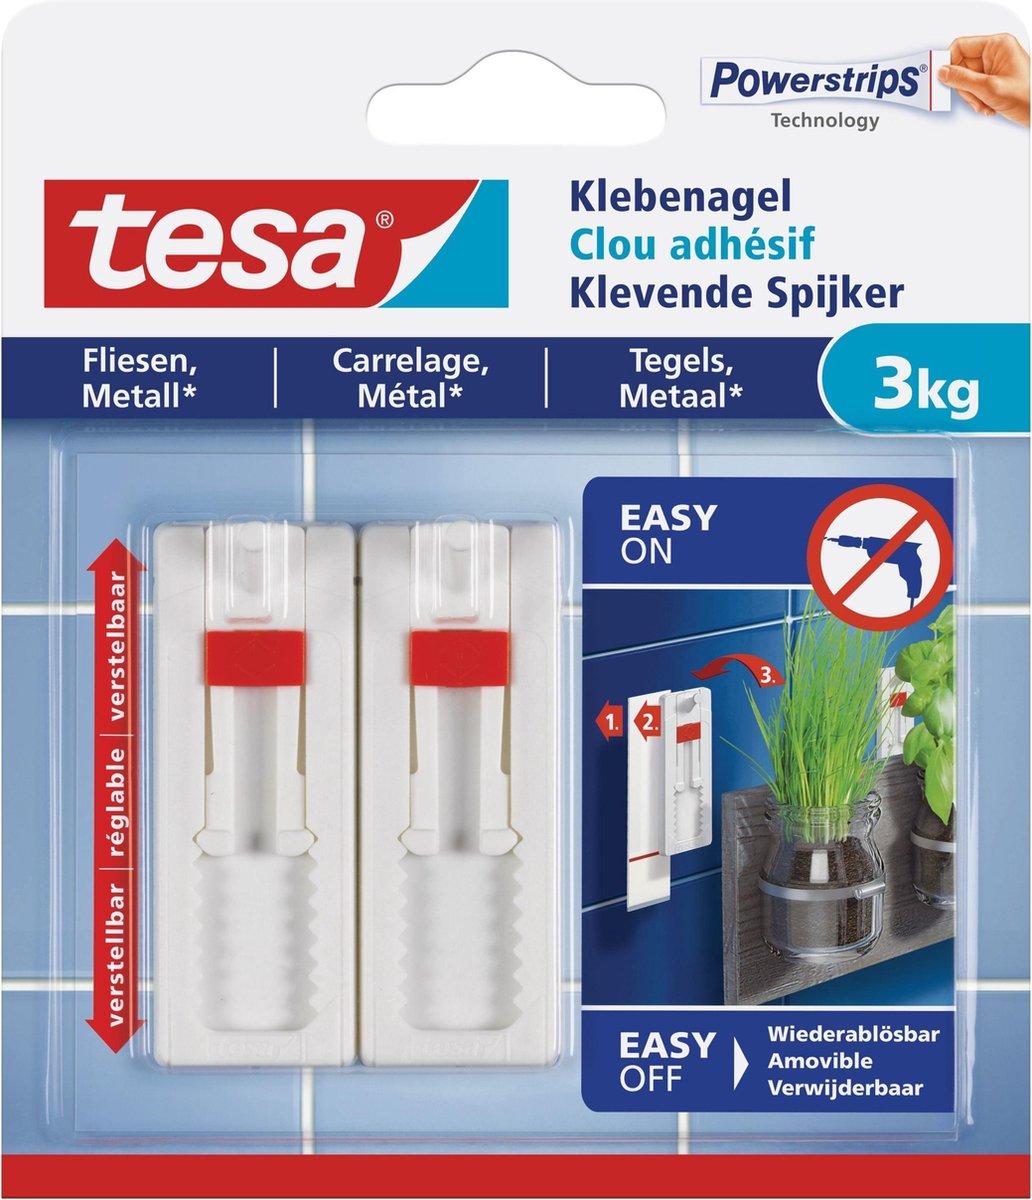 4x stuks Tesa klevende spijkers - wit - verstelbaar - draagkracht 3 kg